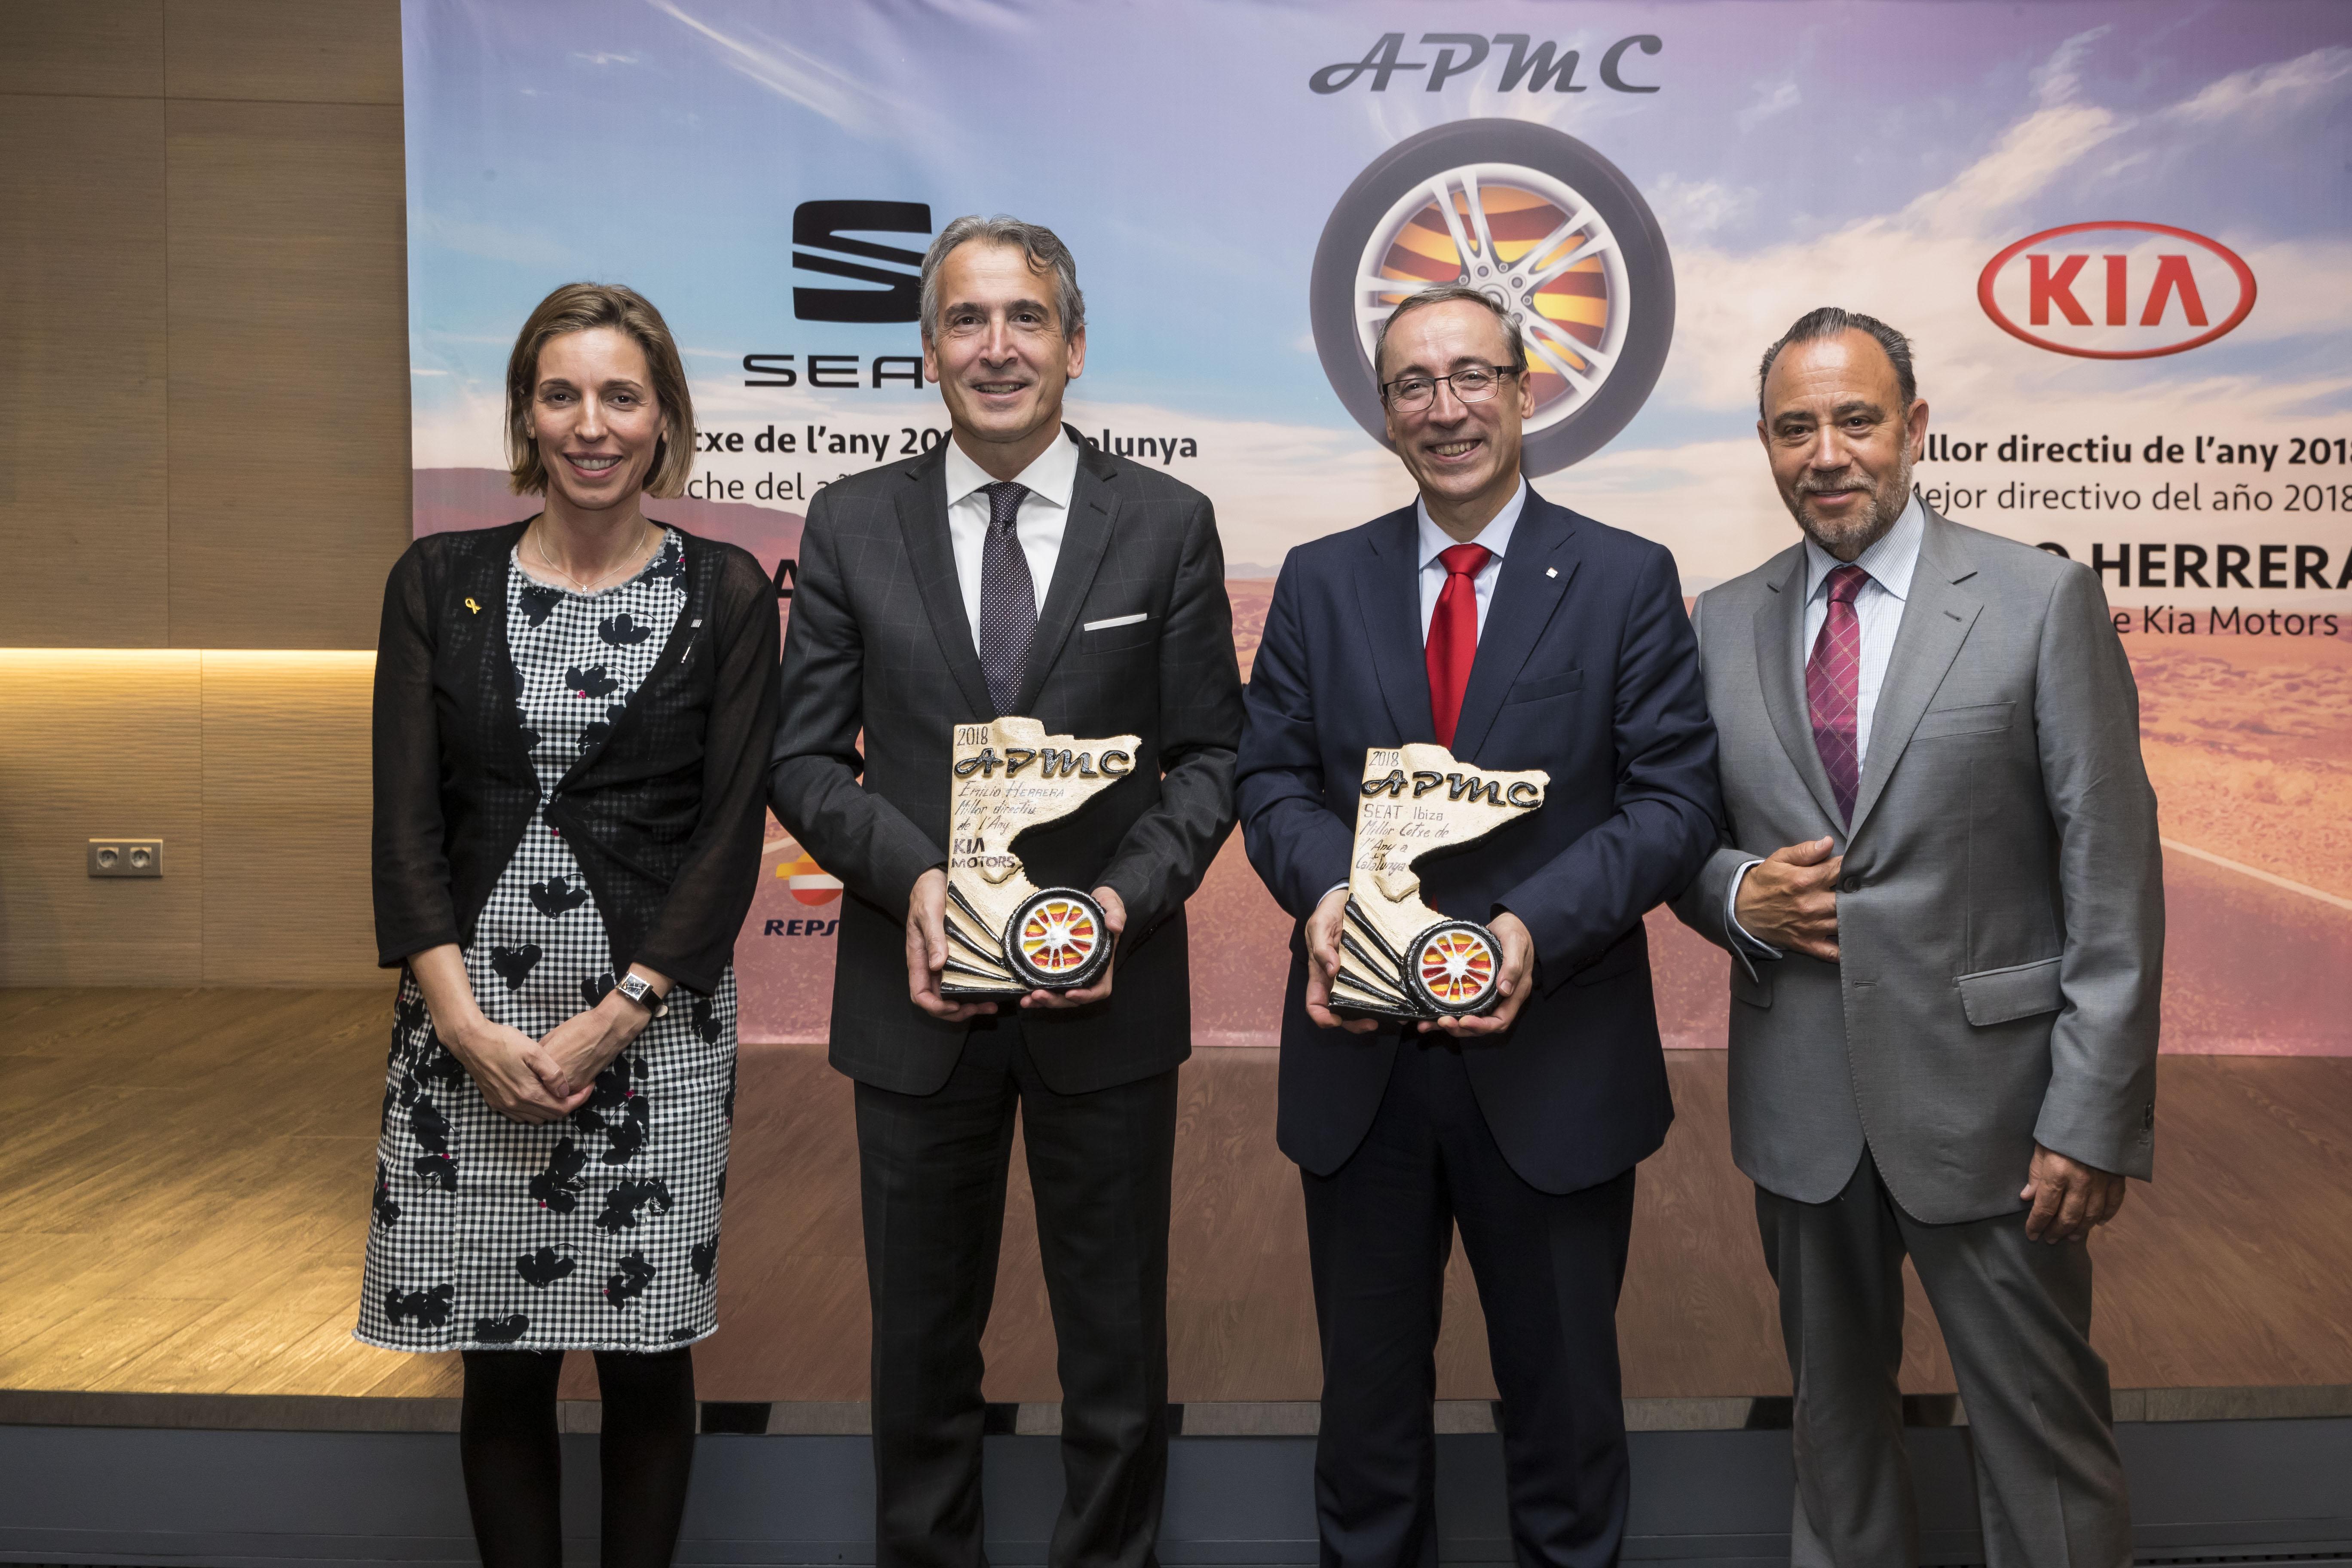 Premios APMC 5a Edicion_AK2I8621